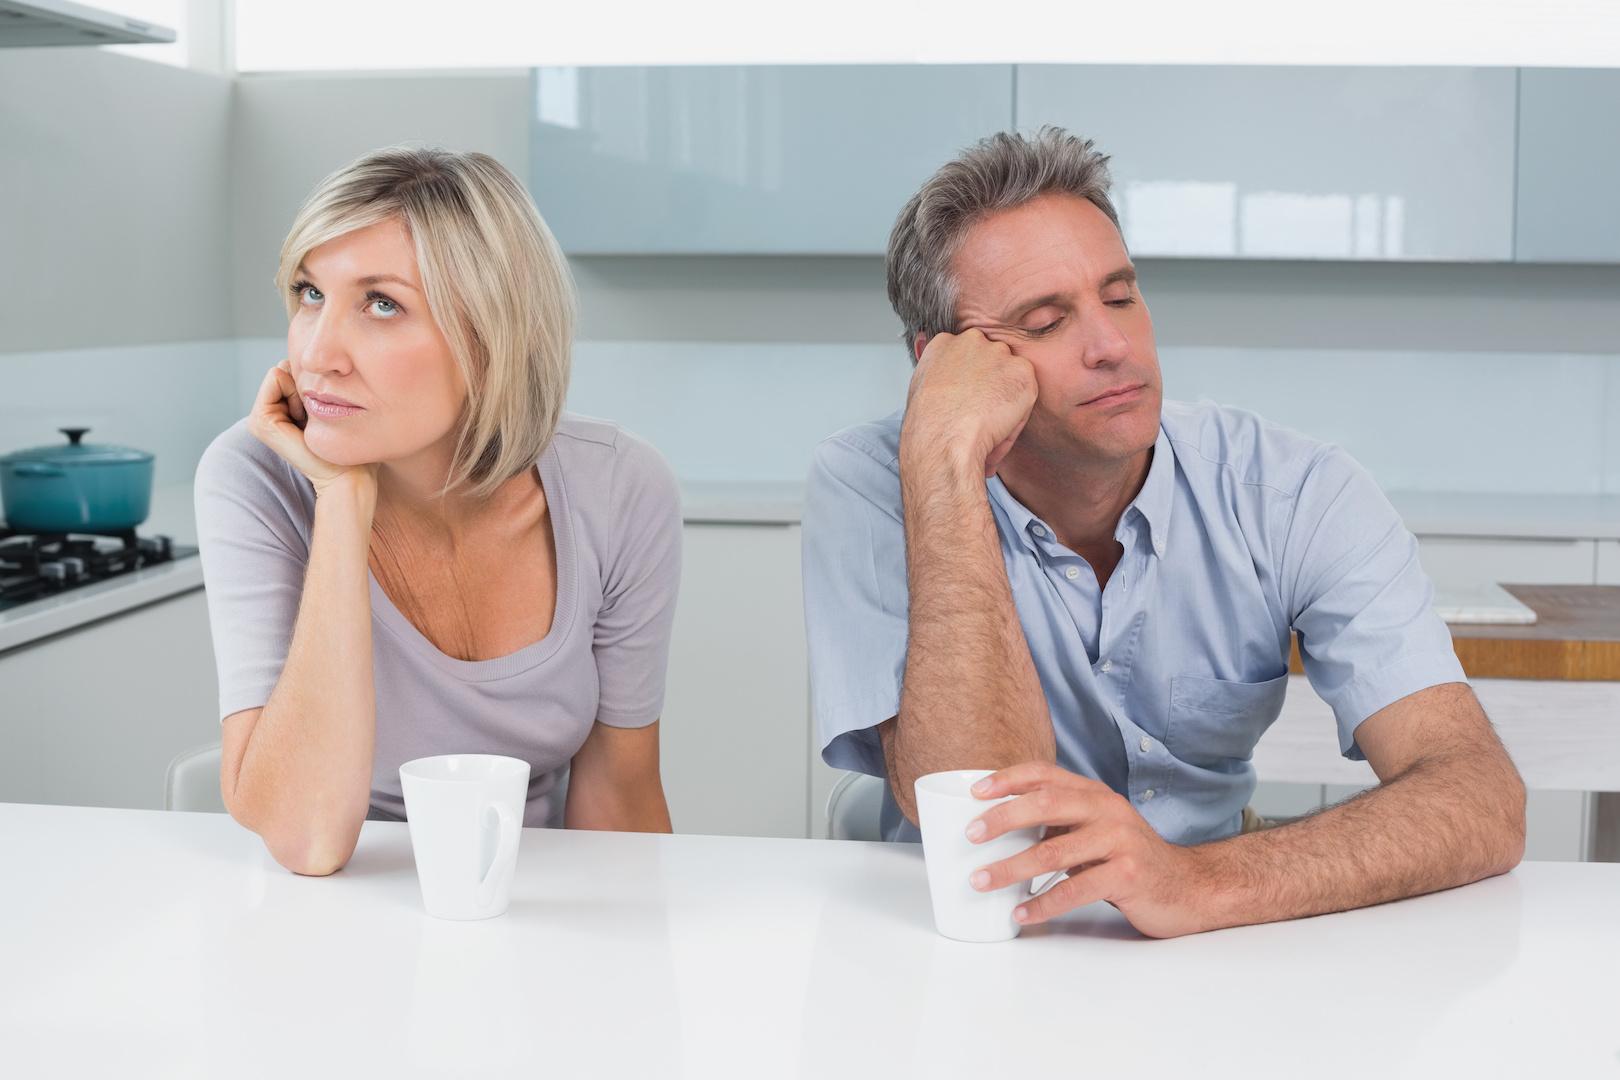 Lazy Marriage - AdobeStock_59471597